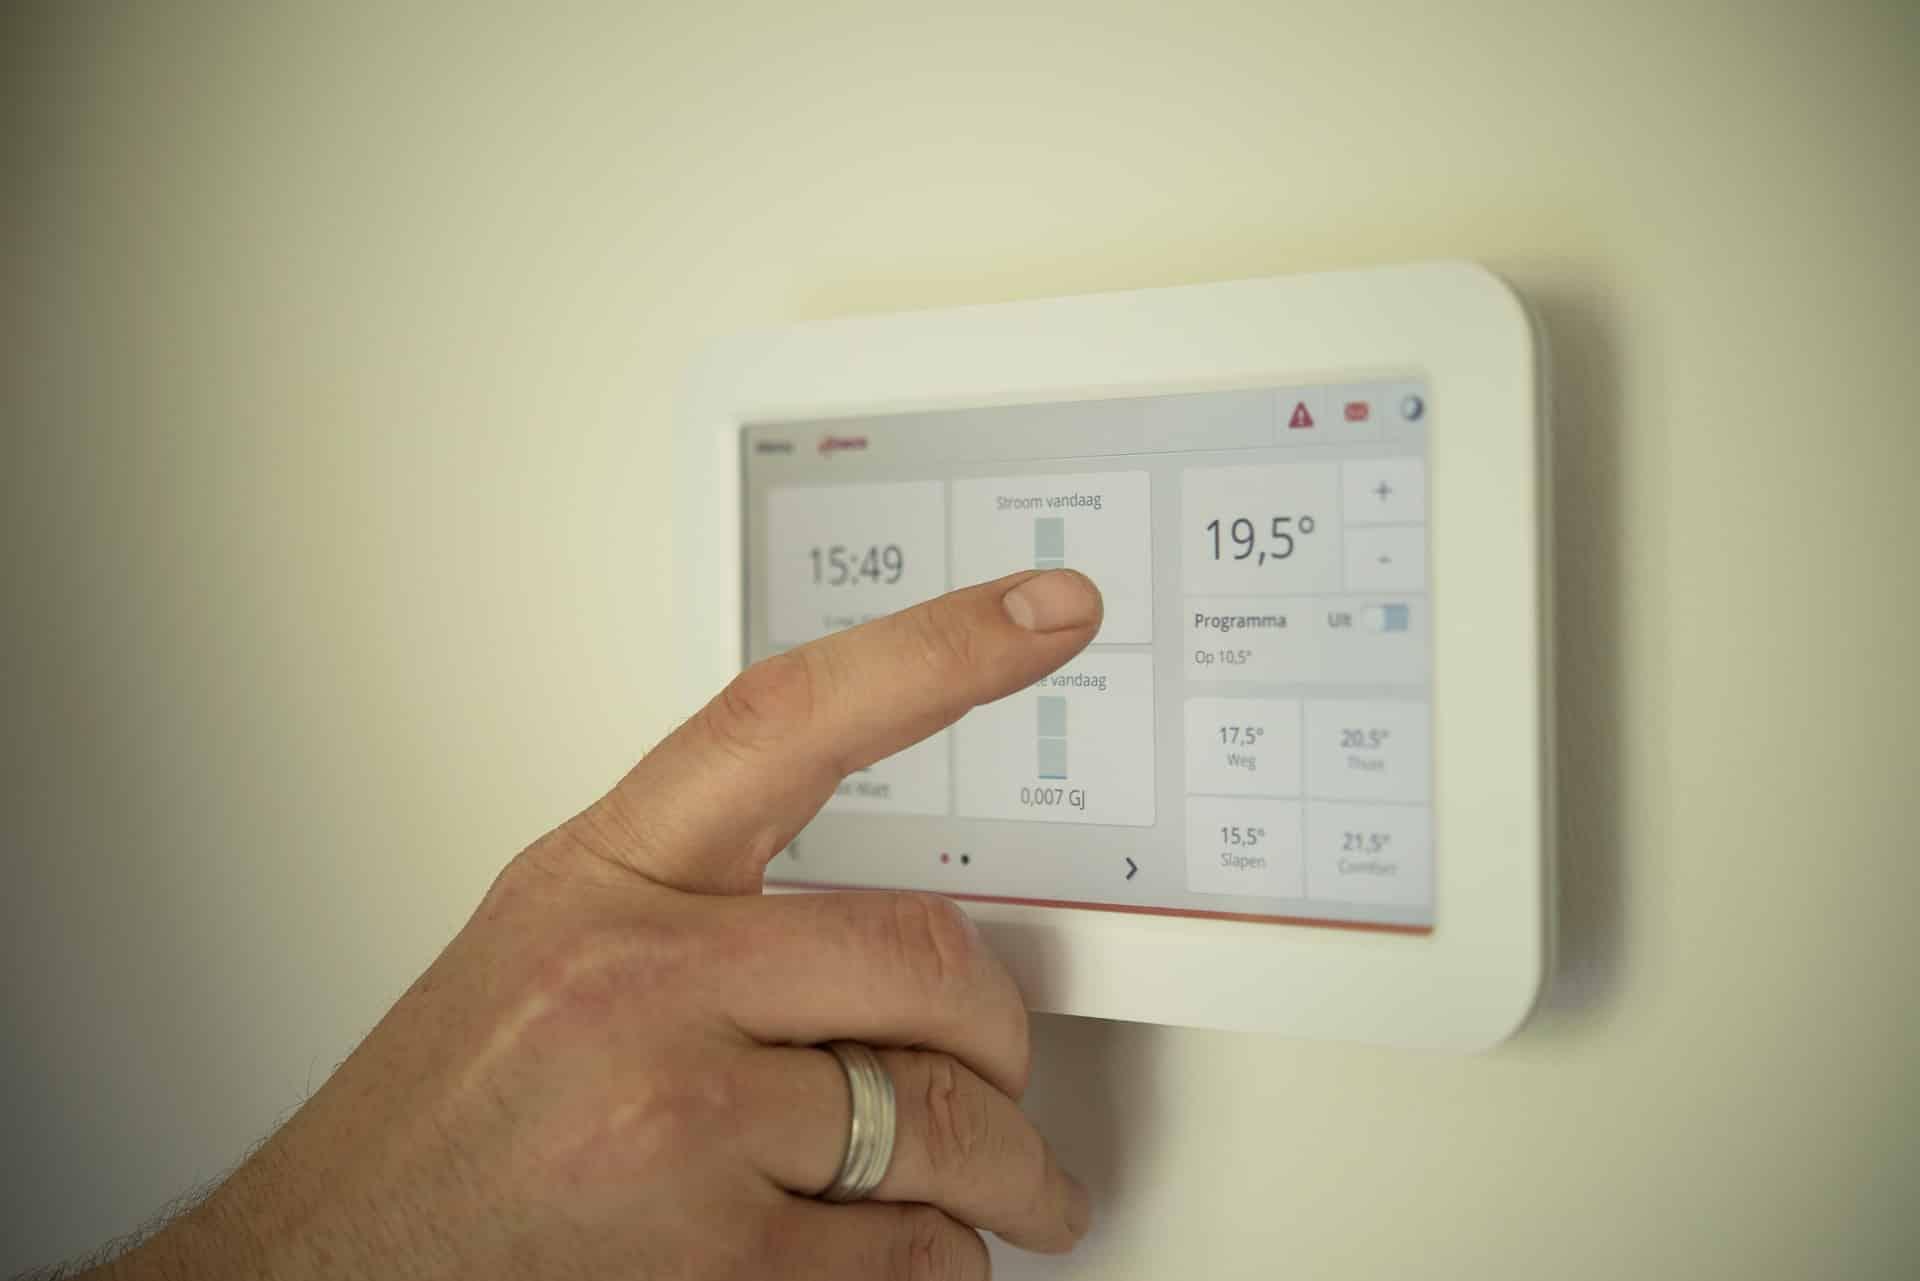 Le thermostat intelligent pour faire des économies de chauffage